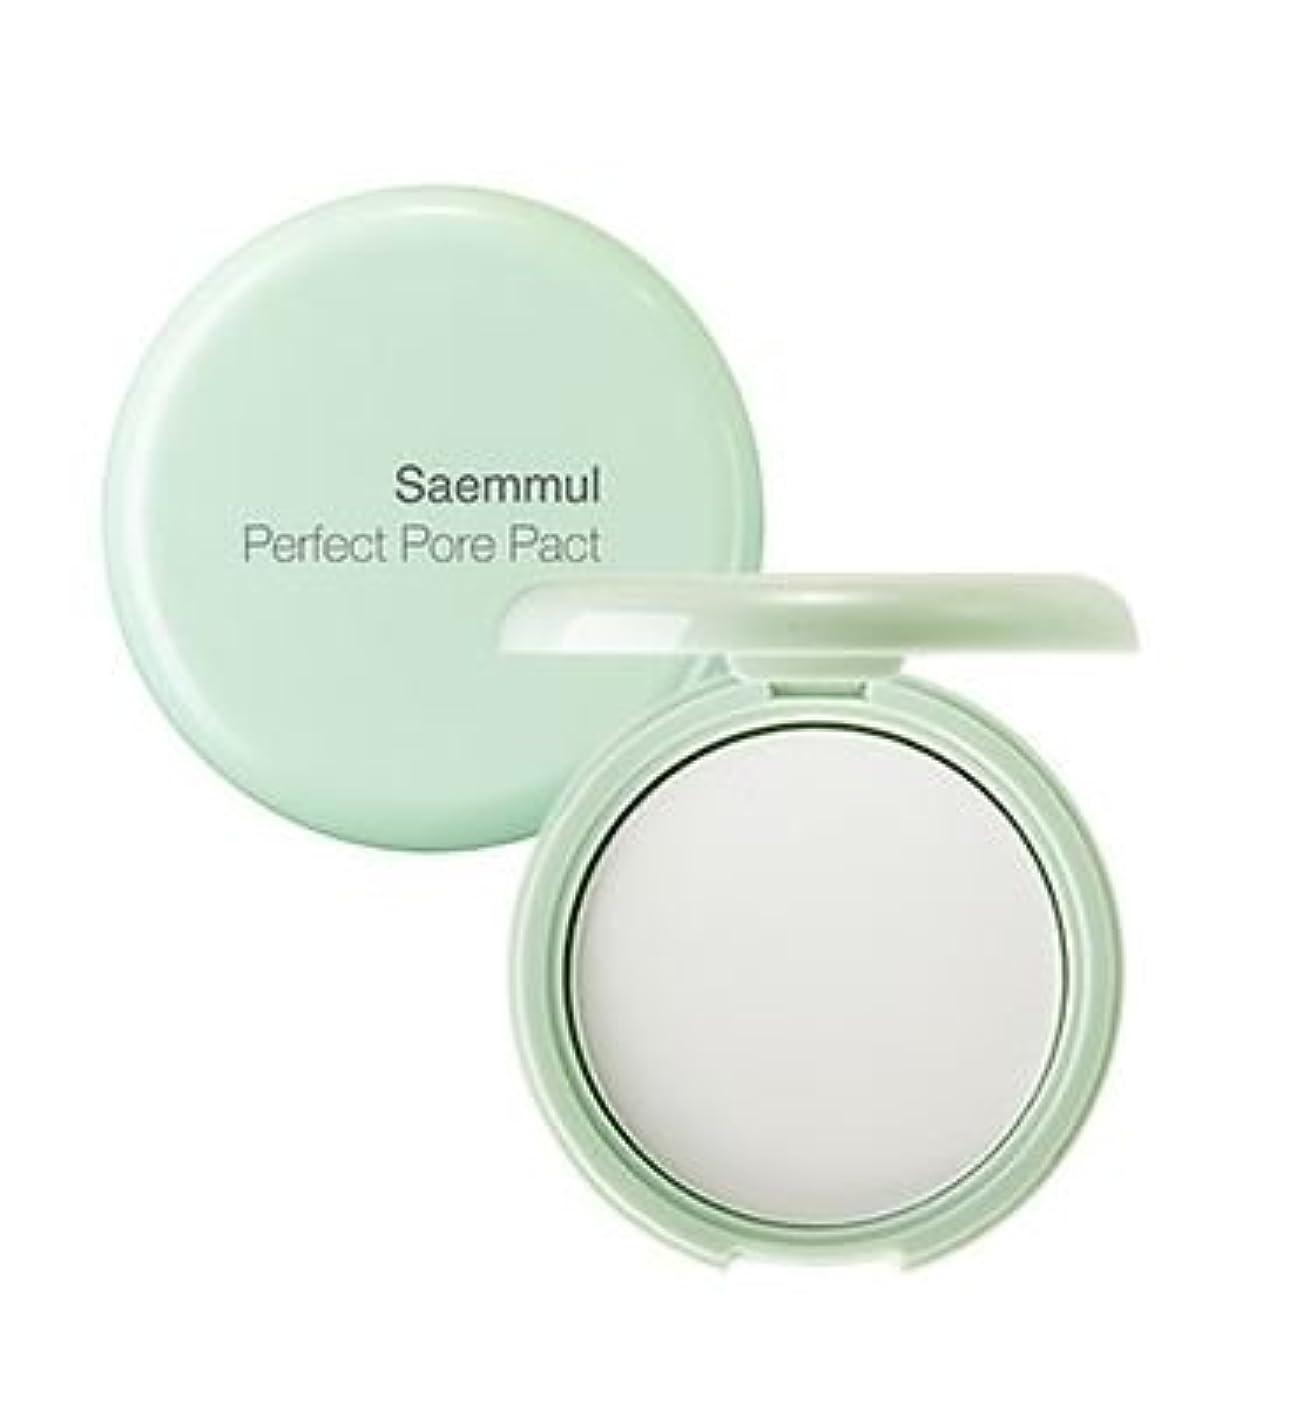 延期するカビ協力するザセム[The Saem]センムルセンムルポアパーフェクトパクト The Saem Saemmul Perfect Pore Pact